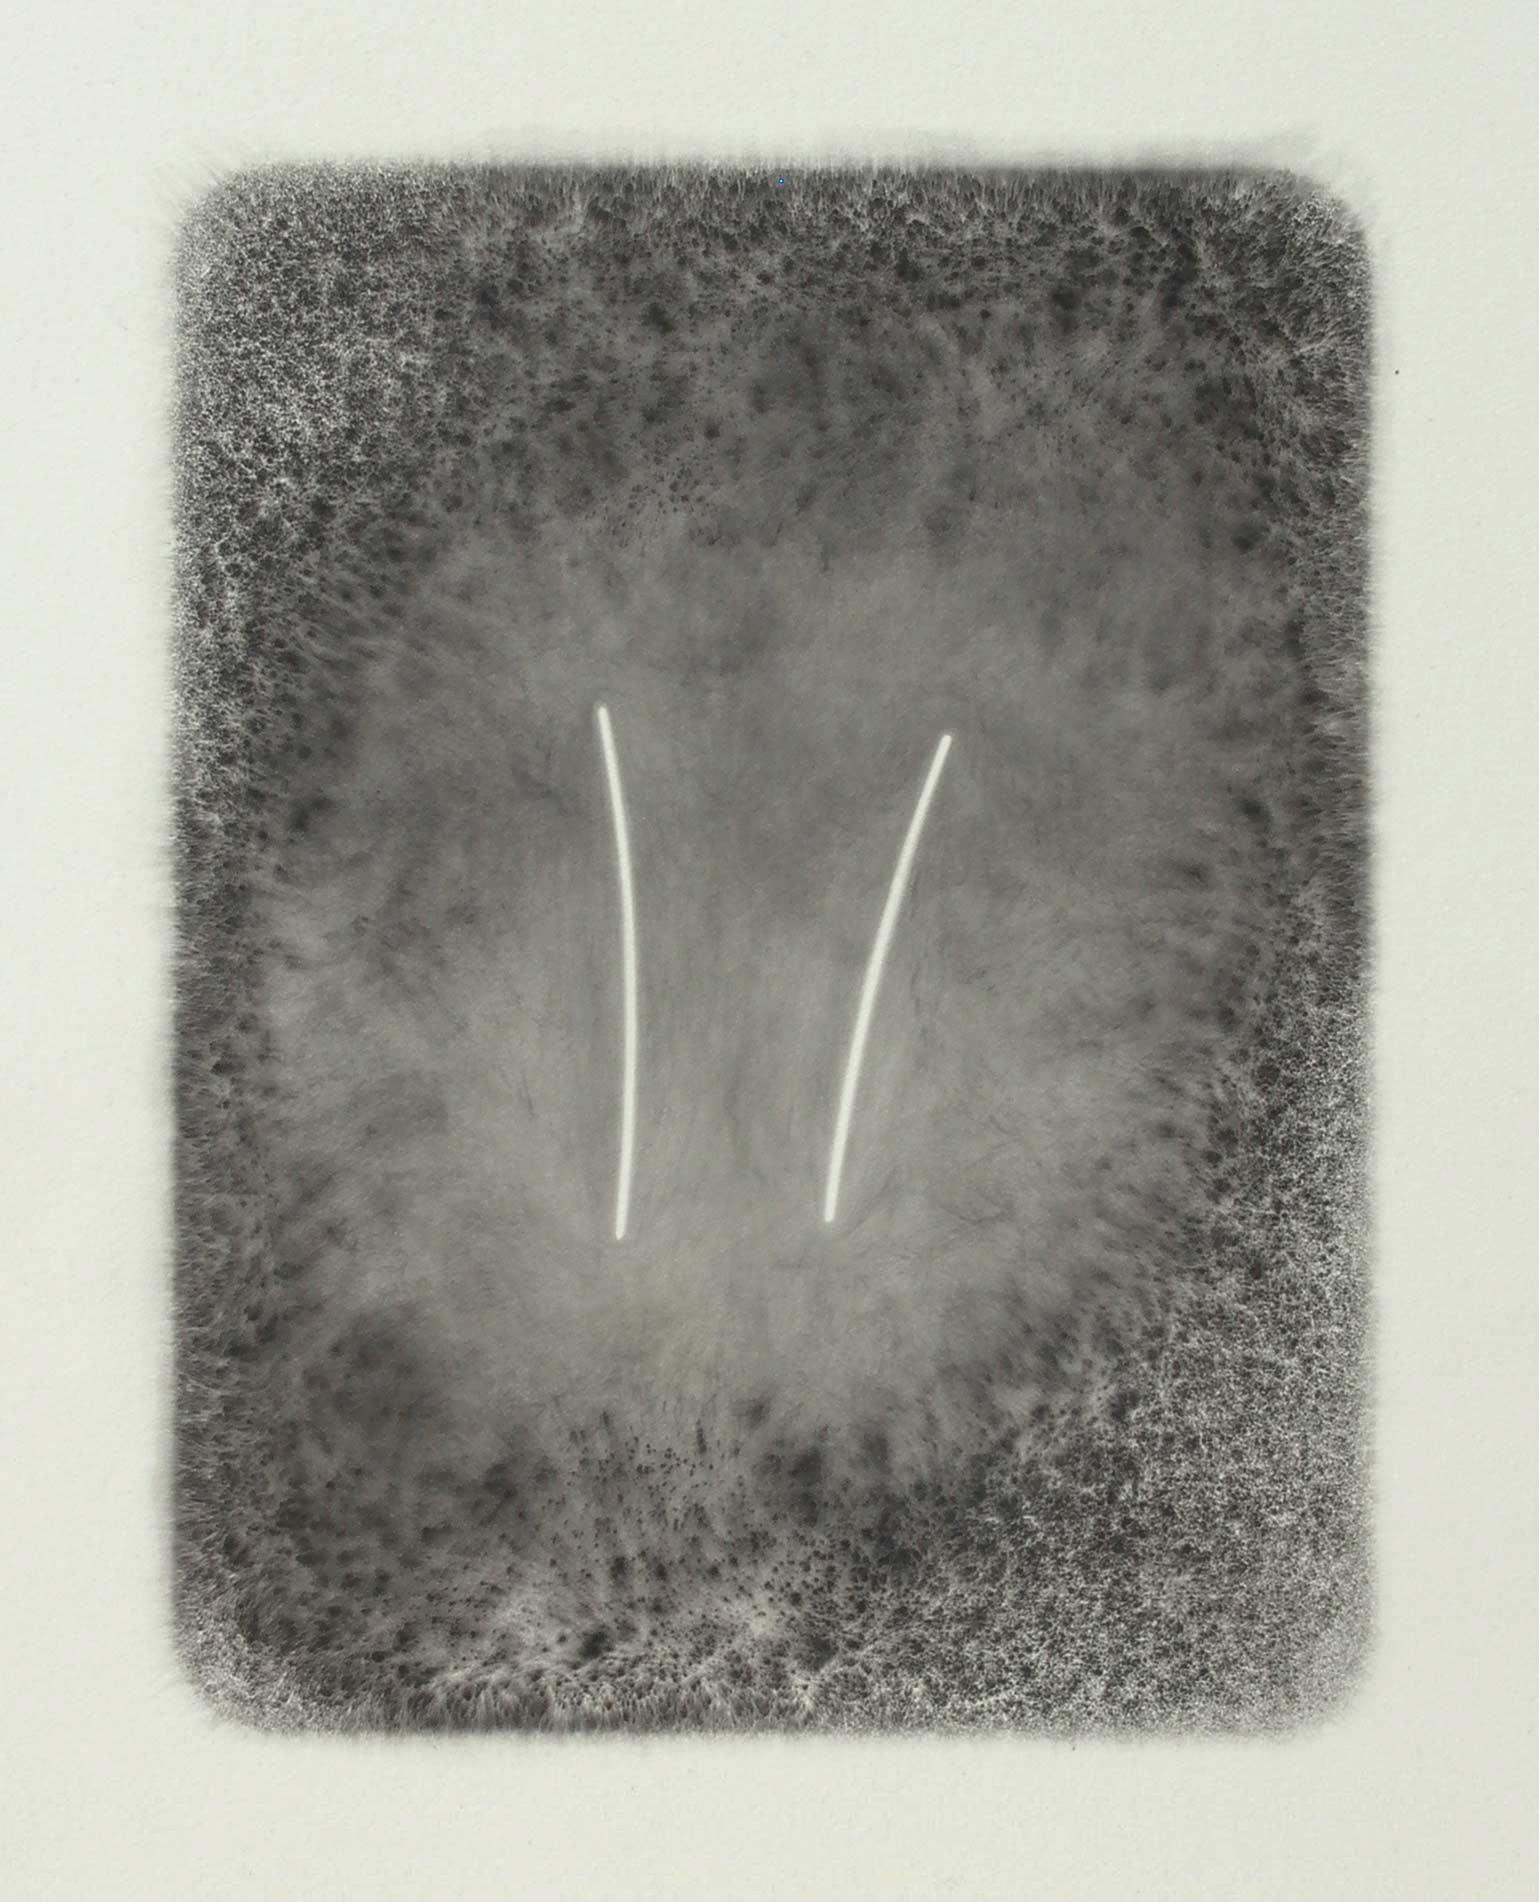 DREAMING (I) 2006  carbon deposit on 100% cotton fibre  56.3 x 34.5 cm